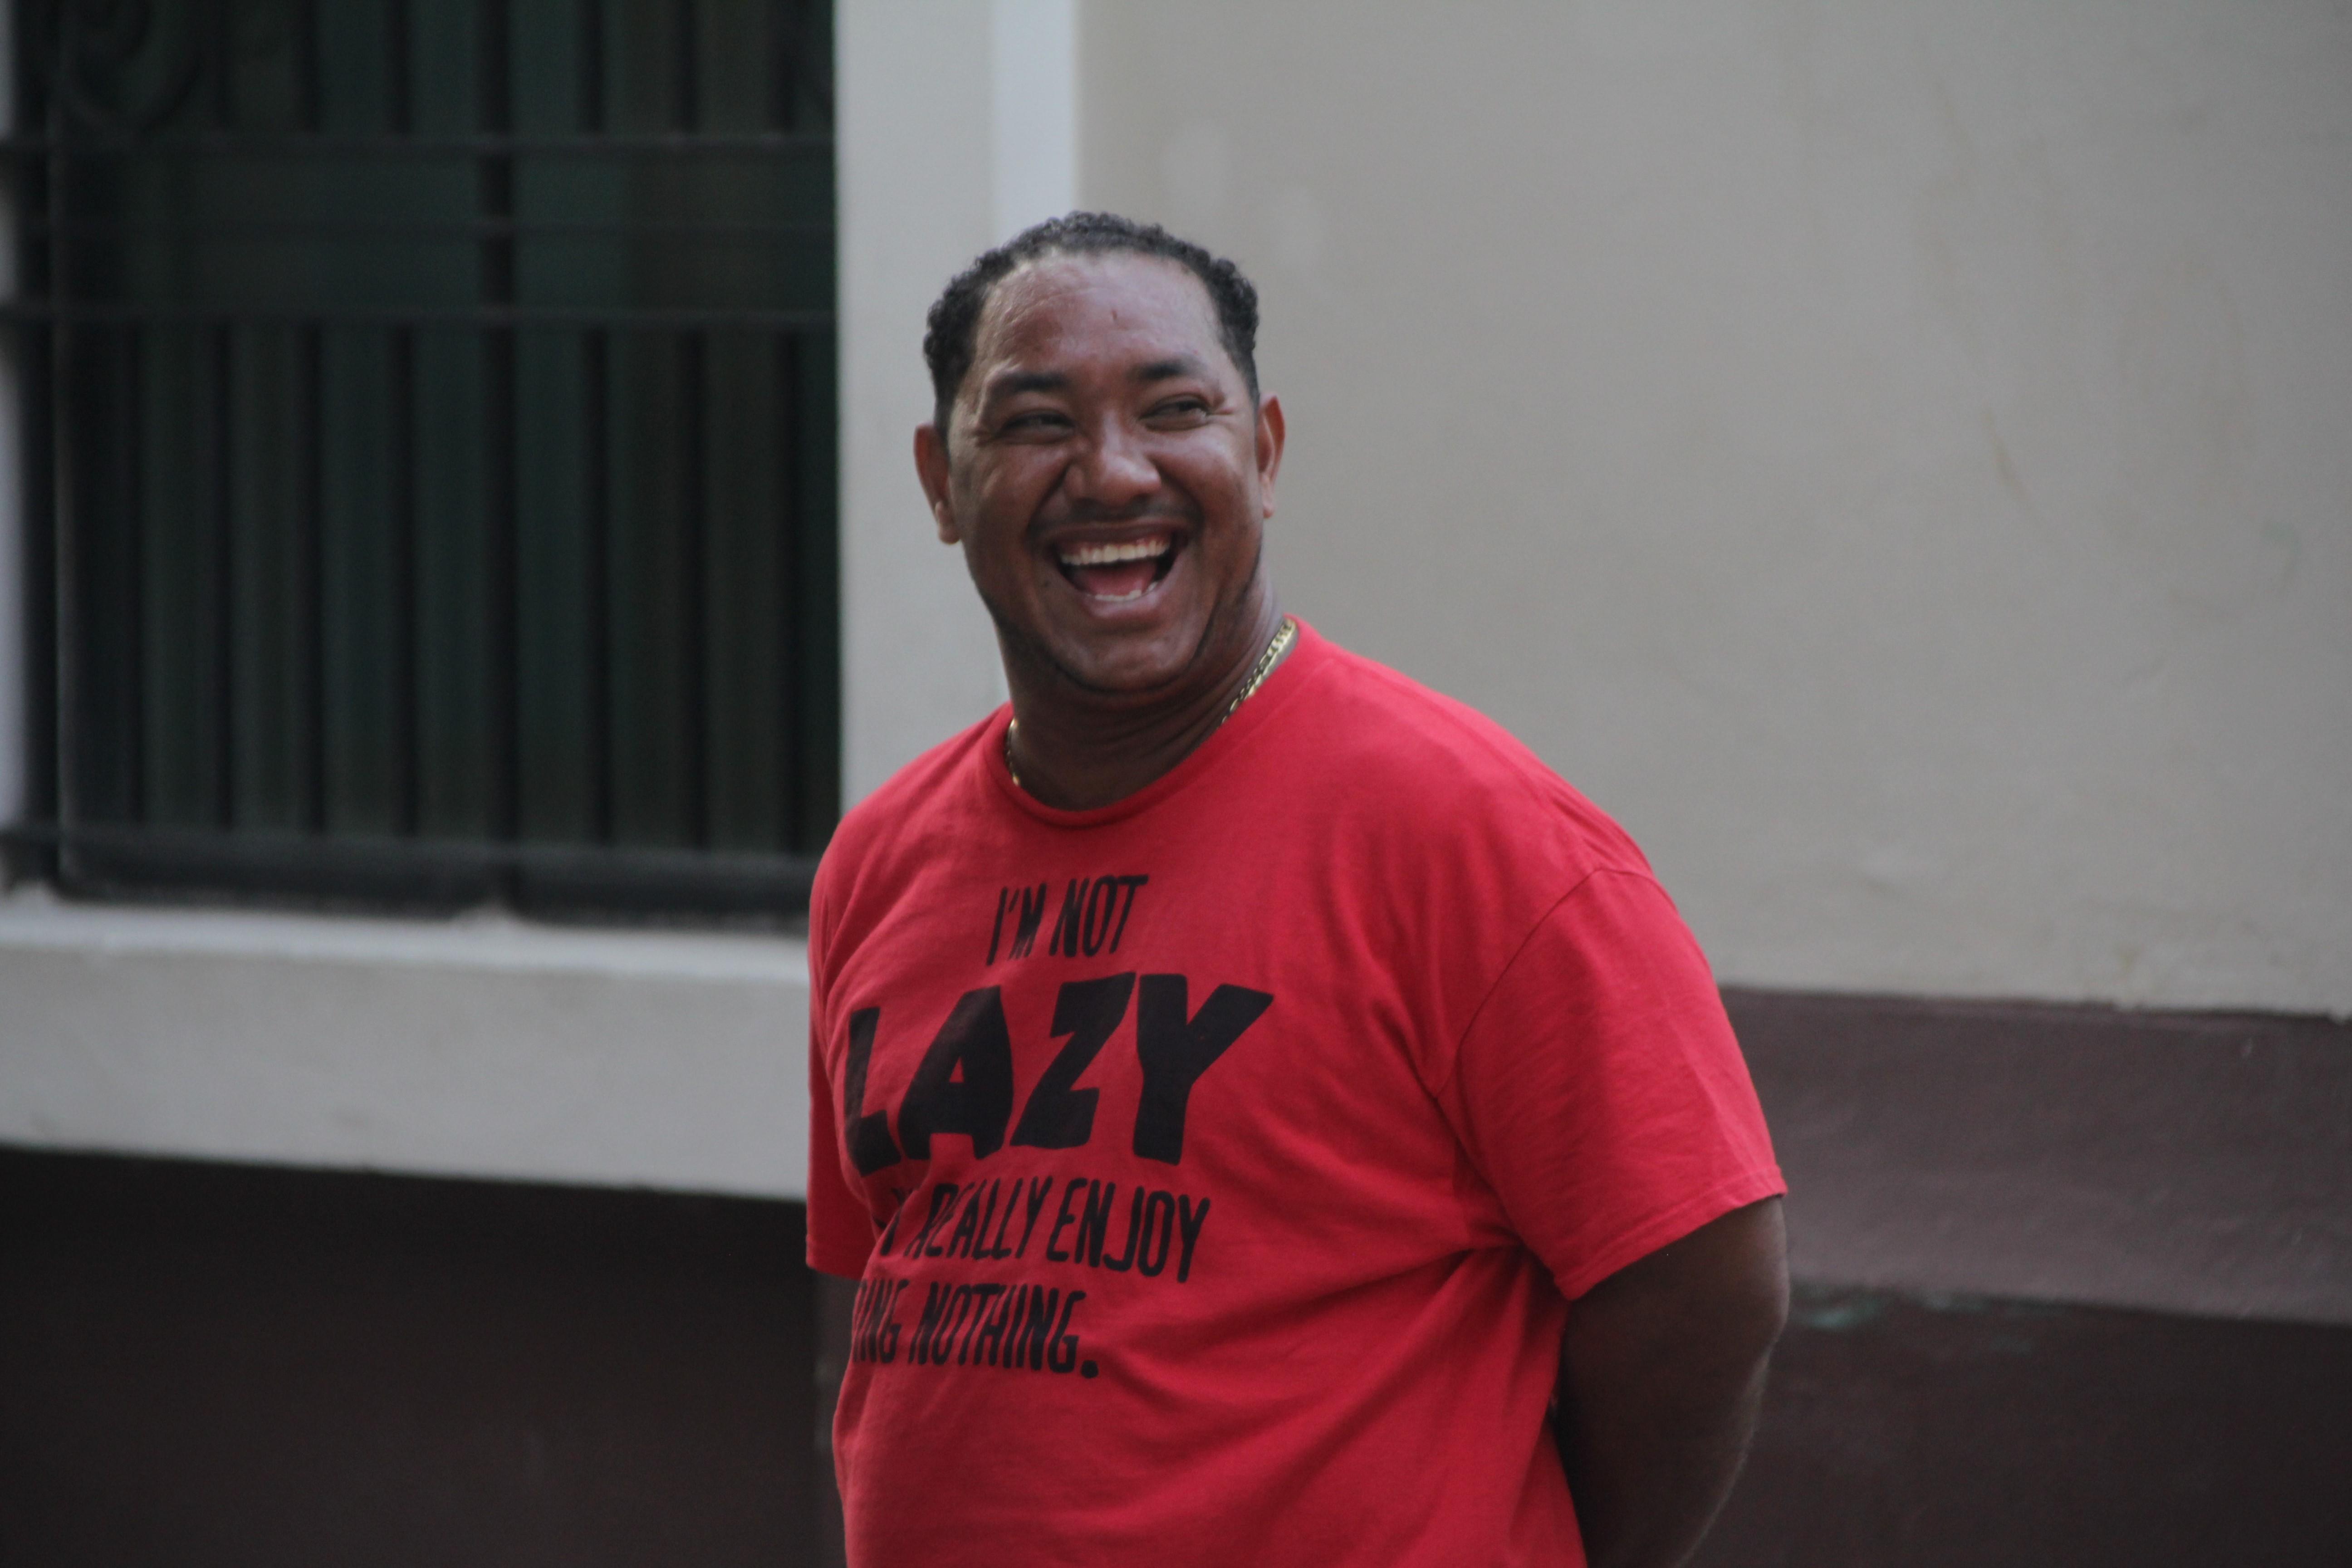 Sur le tee-shirt de cet homme : « Je ne suis pas paresseux c'est juste que j'adore vraiment ne rien faire » (© Jérôme Decoster).